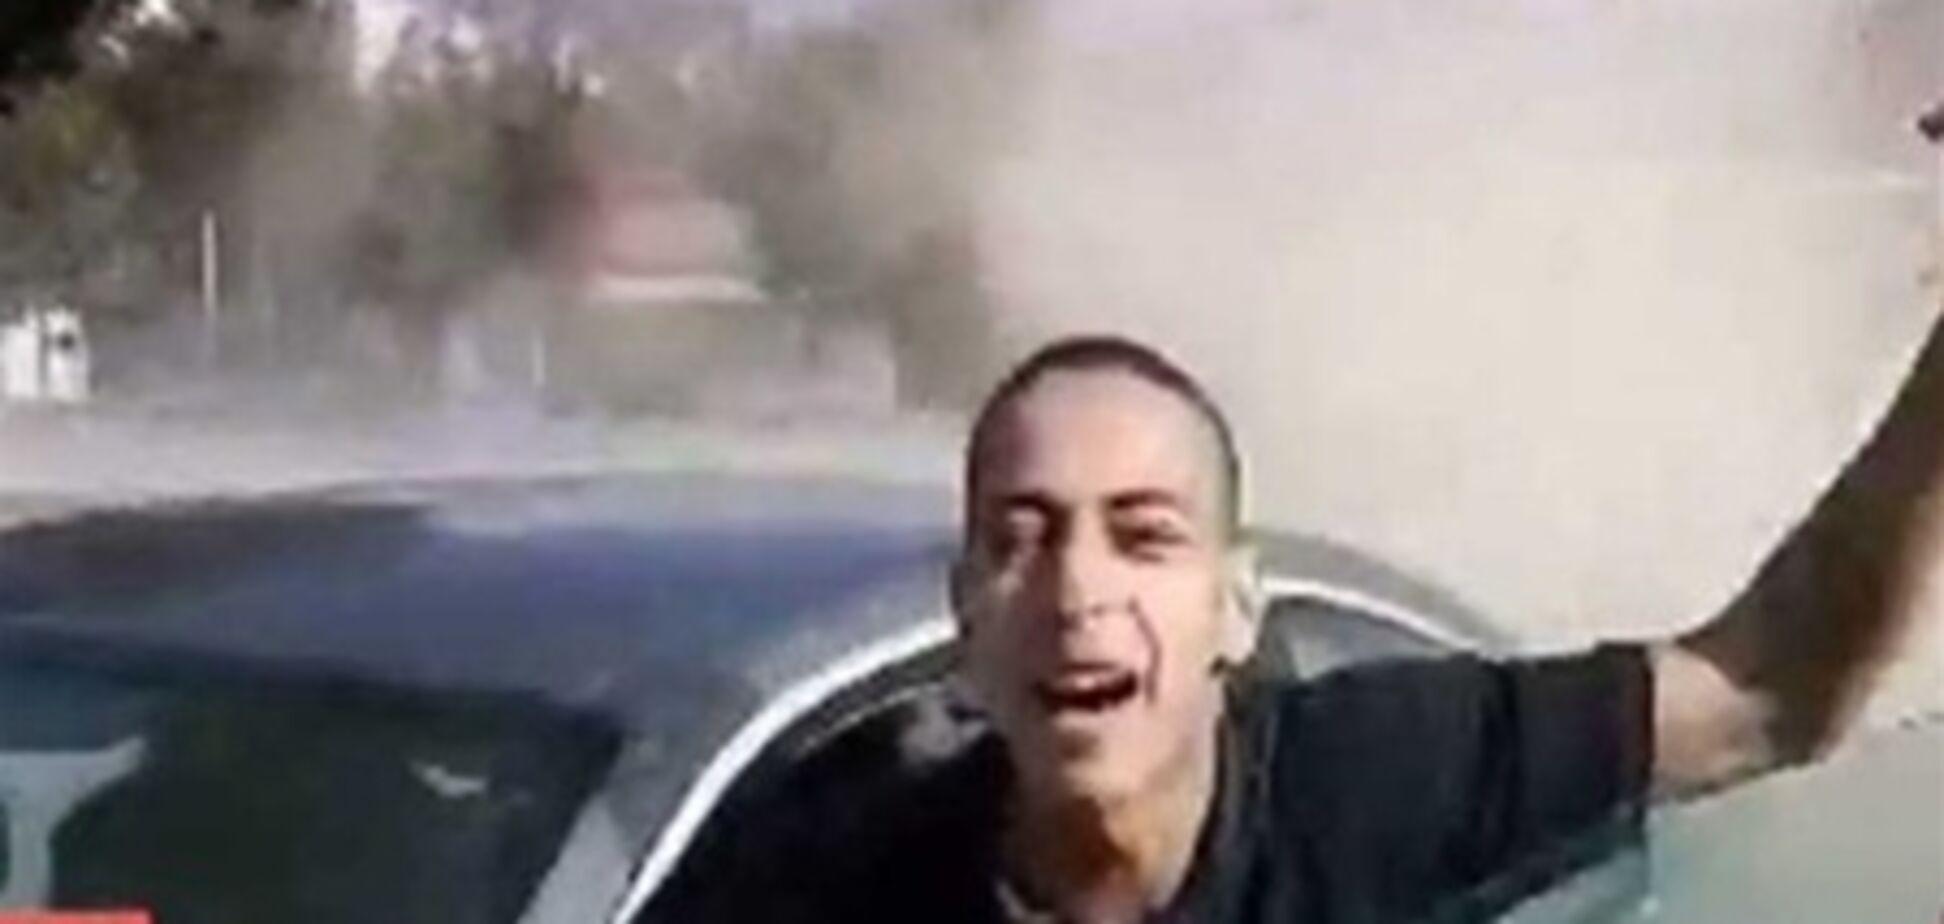 Тело террориста из Тулузы в четверг будет доставлено в Алжир